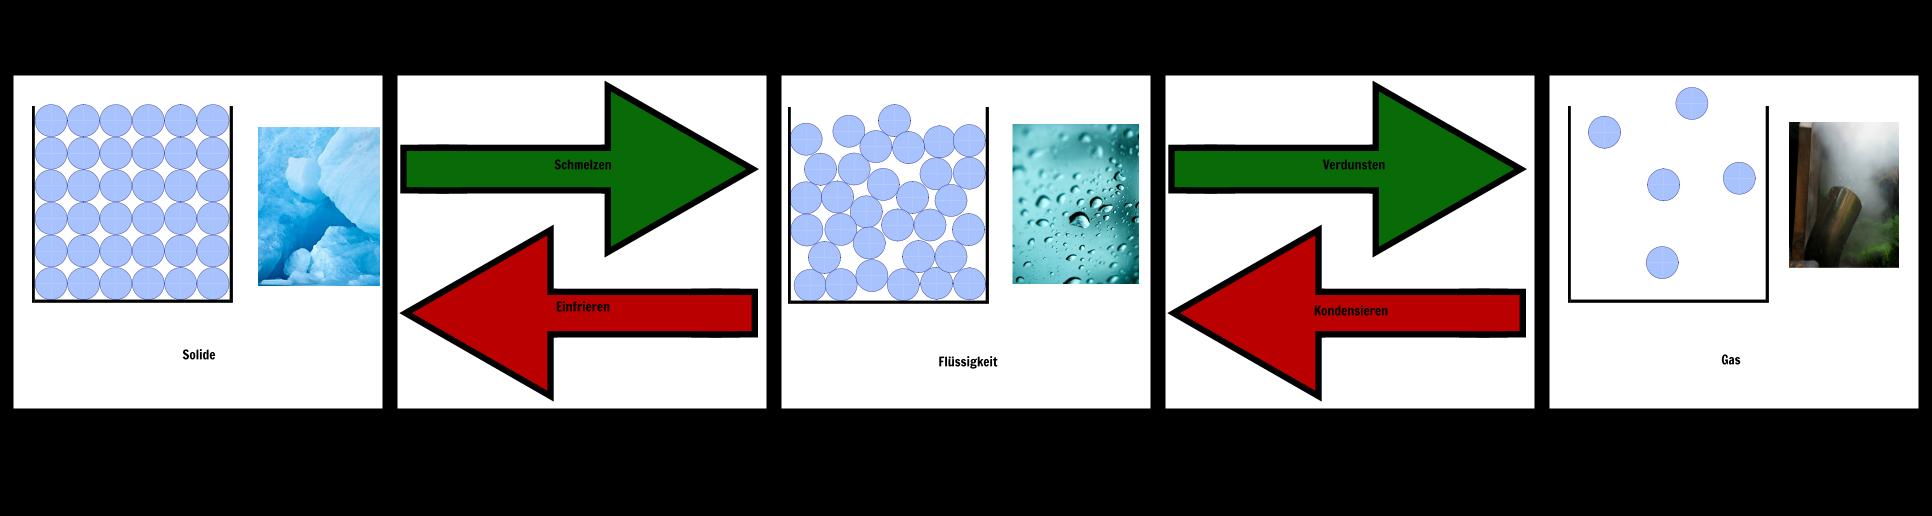 Solid Liquid Gas - Zustände der Materie Lektion Pläne & Aktivitäten